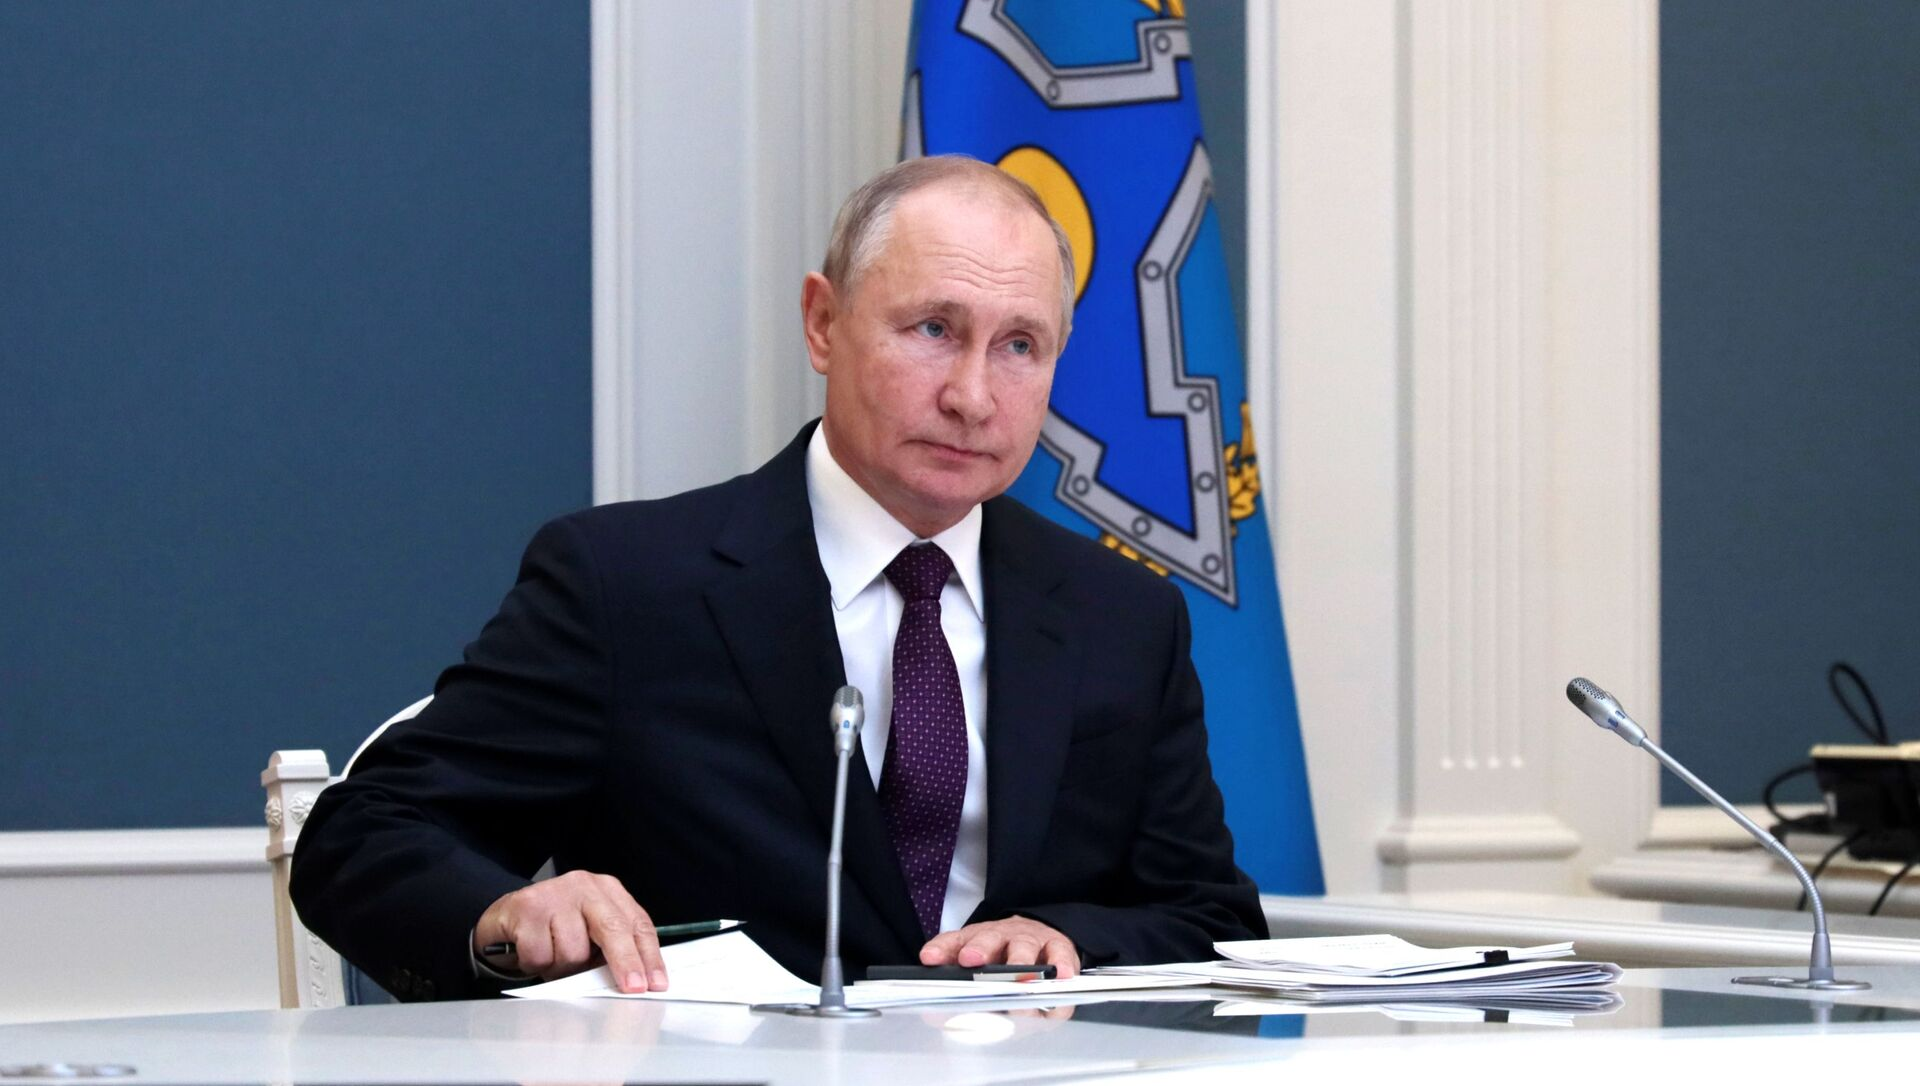 Президент РФ В. Путин принял участие во внеочередной сессии Совета коллективной безопасности ОДКБ - Sputnik Azərbaycan, 1920, 23.08.2021